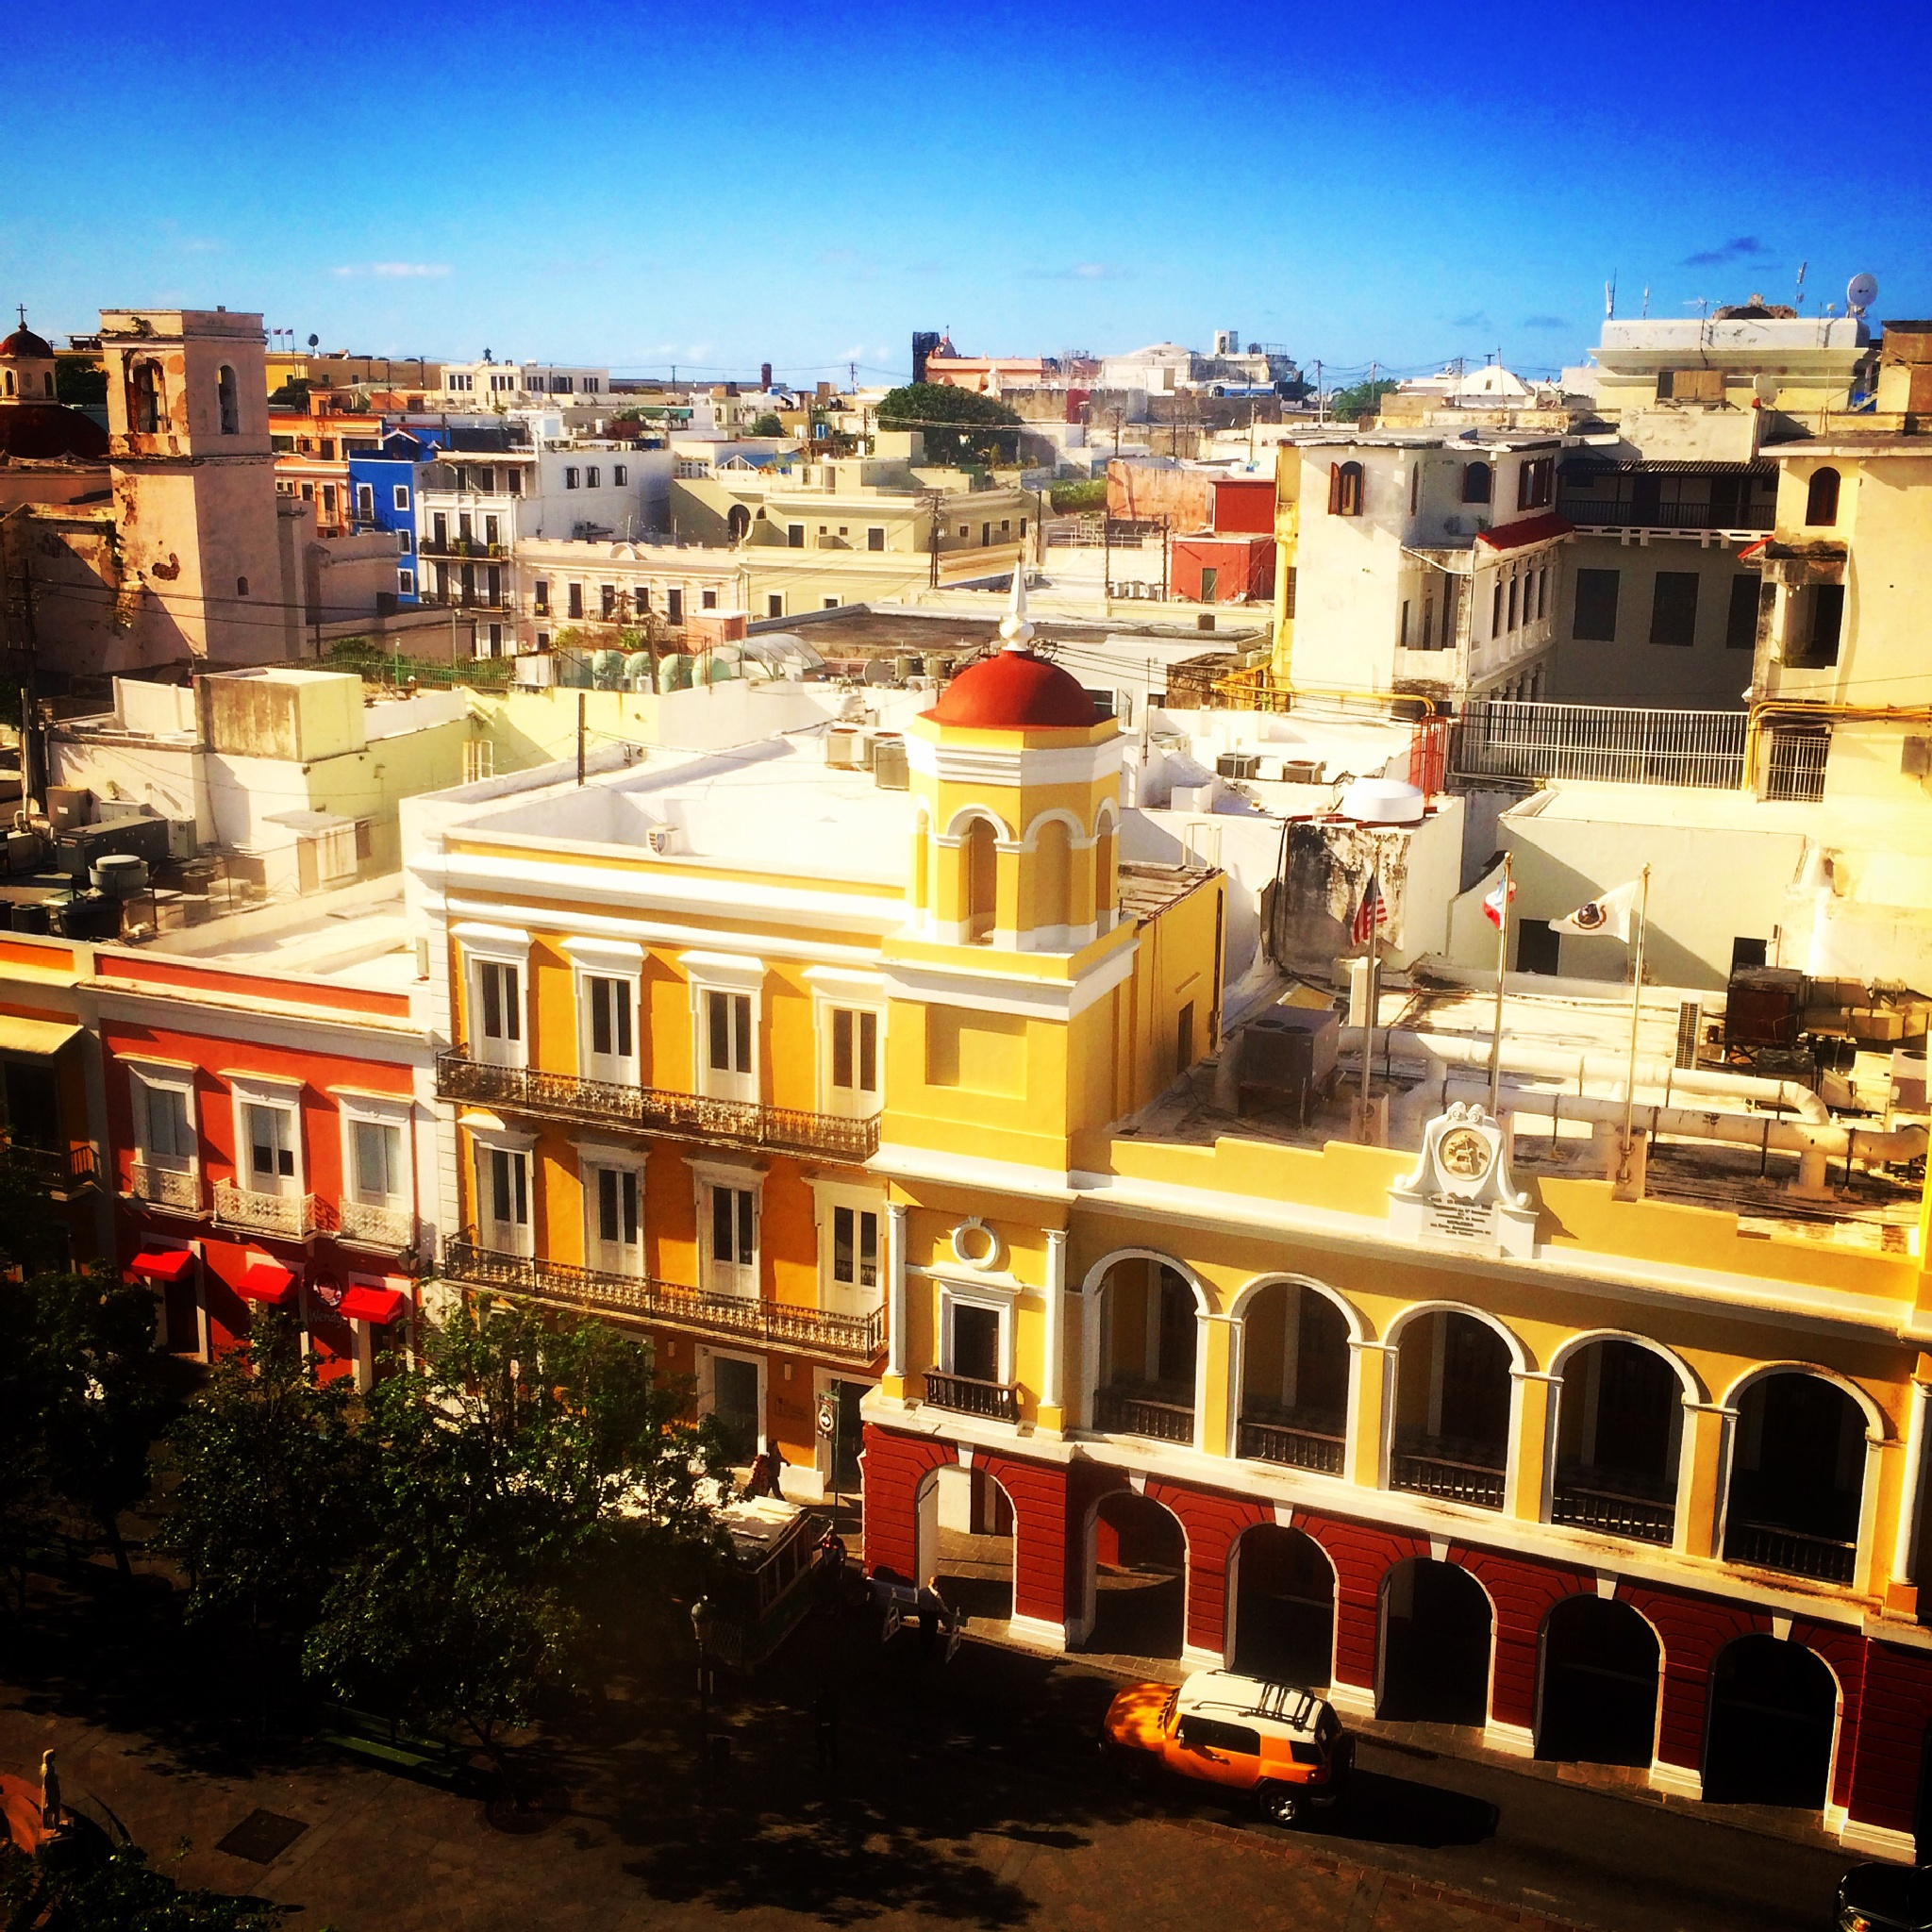 El Viejo San Juan by Nilda64pr